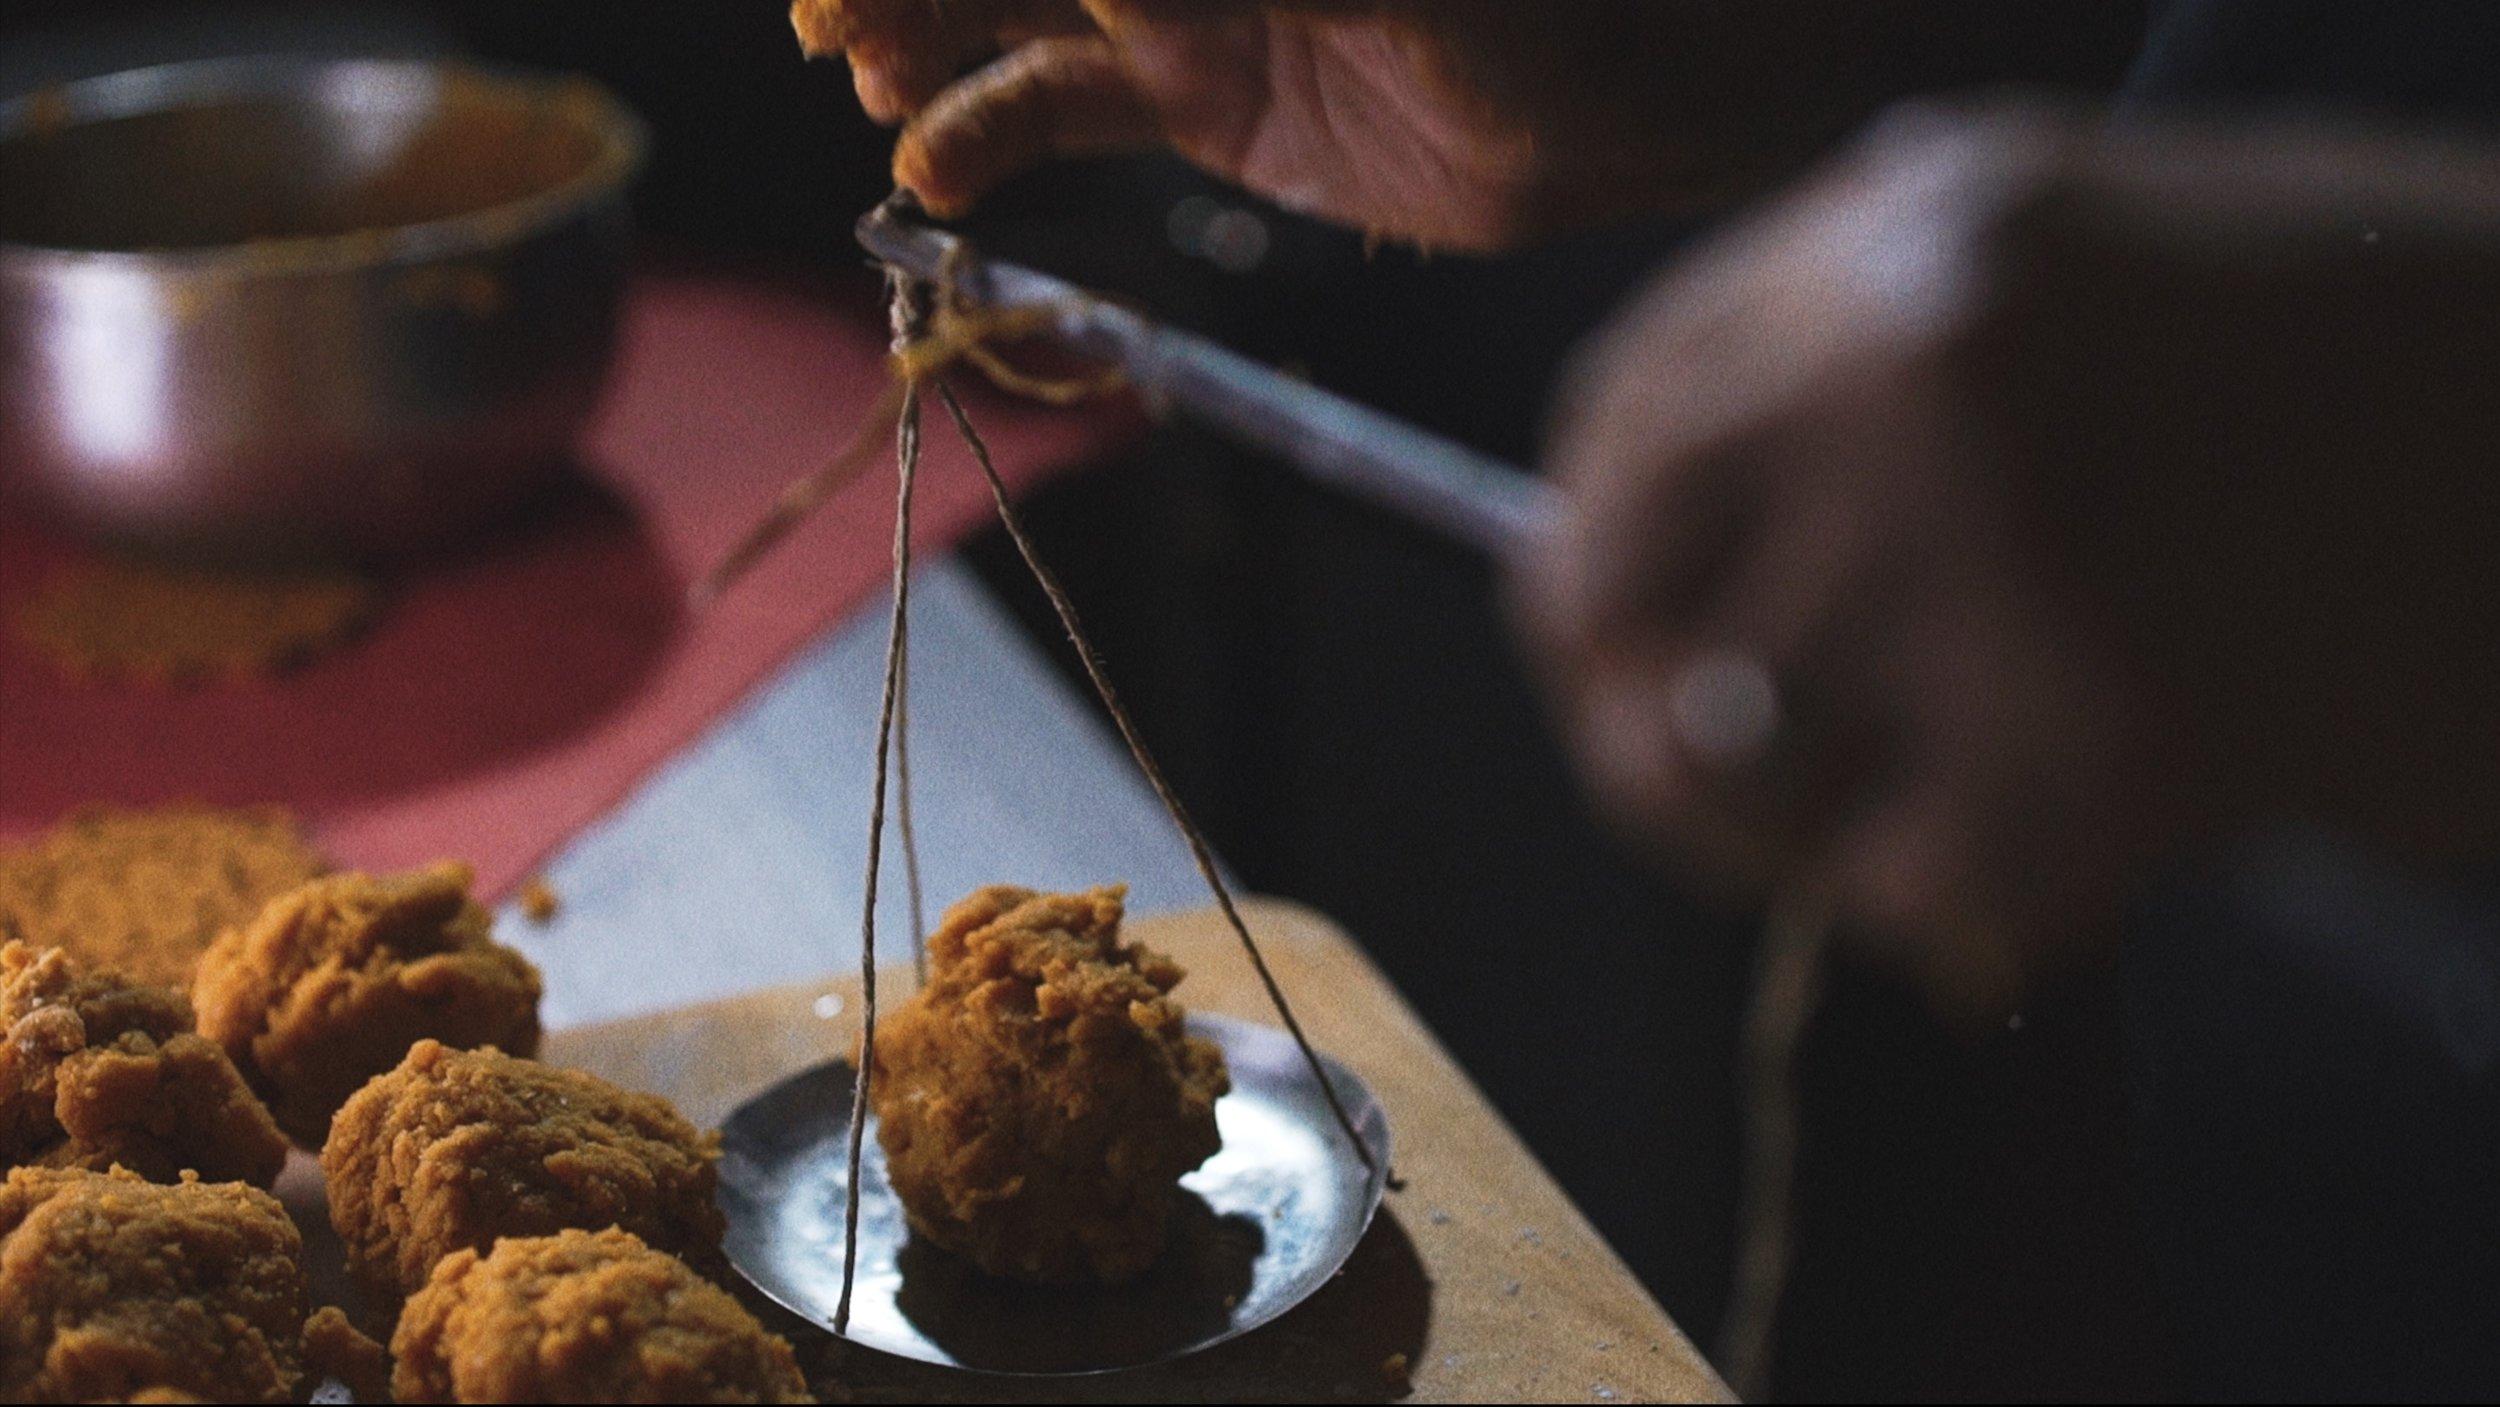 Mooncake_Short Film_Andrew Gooi_Food Talkies_006.jpg